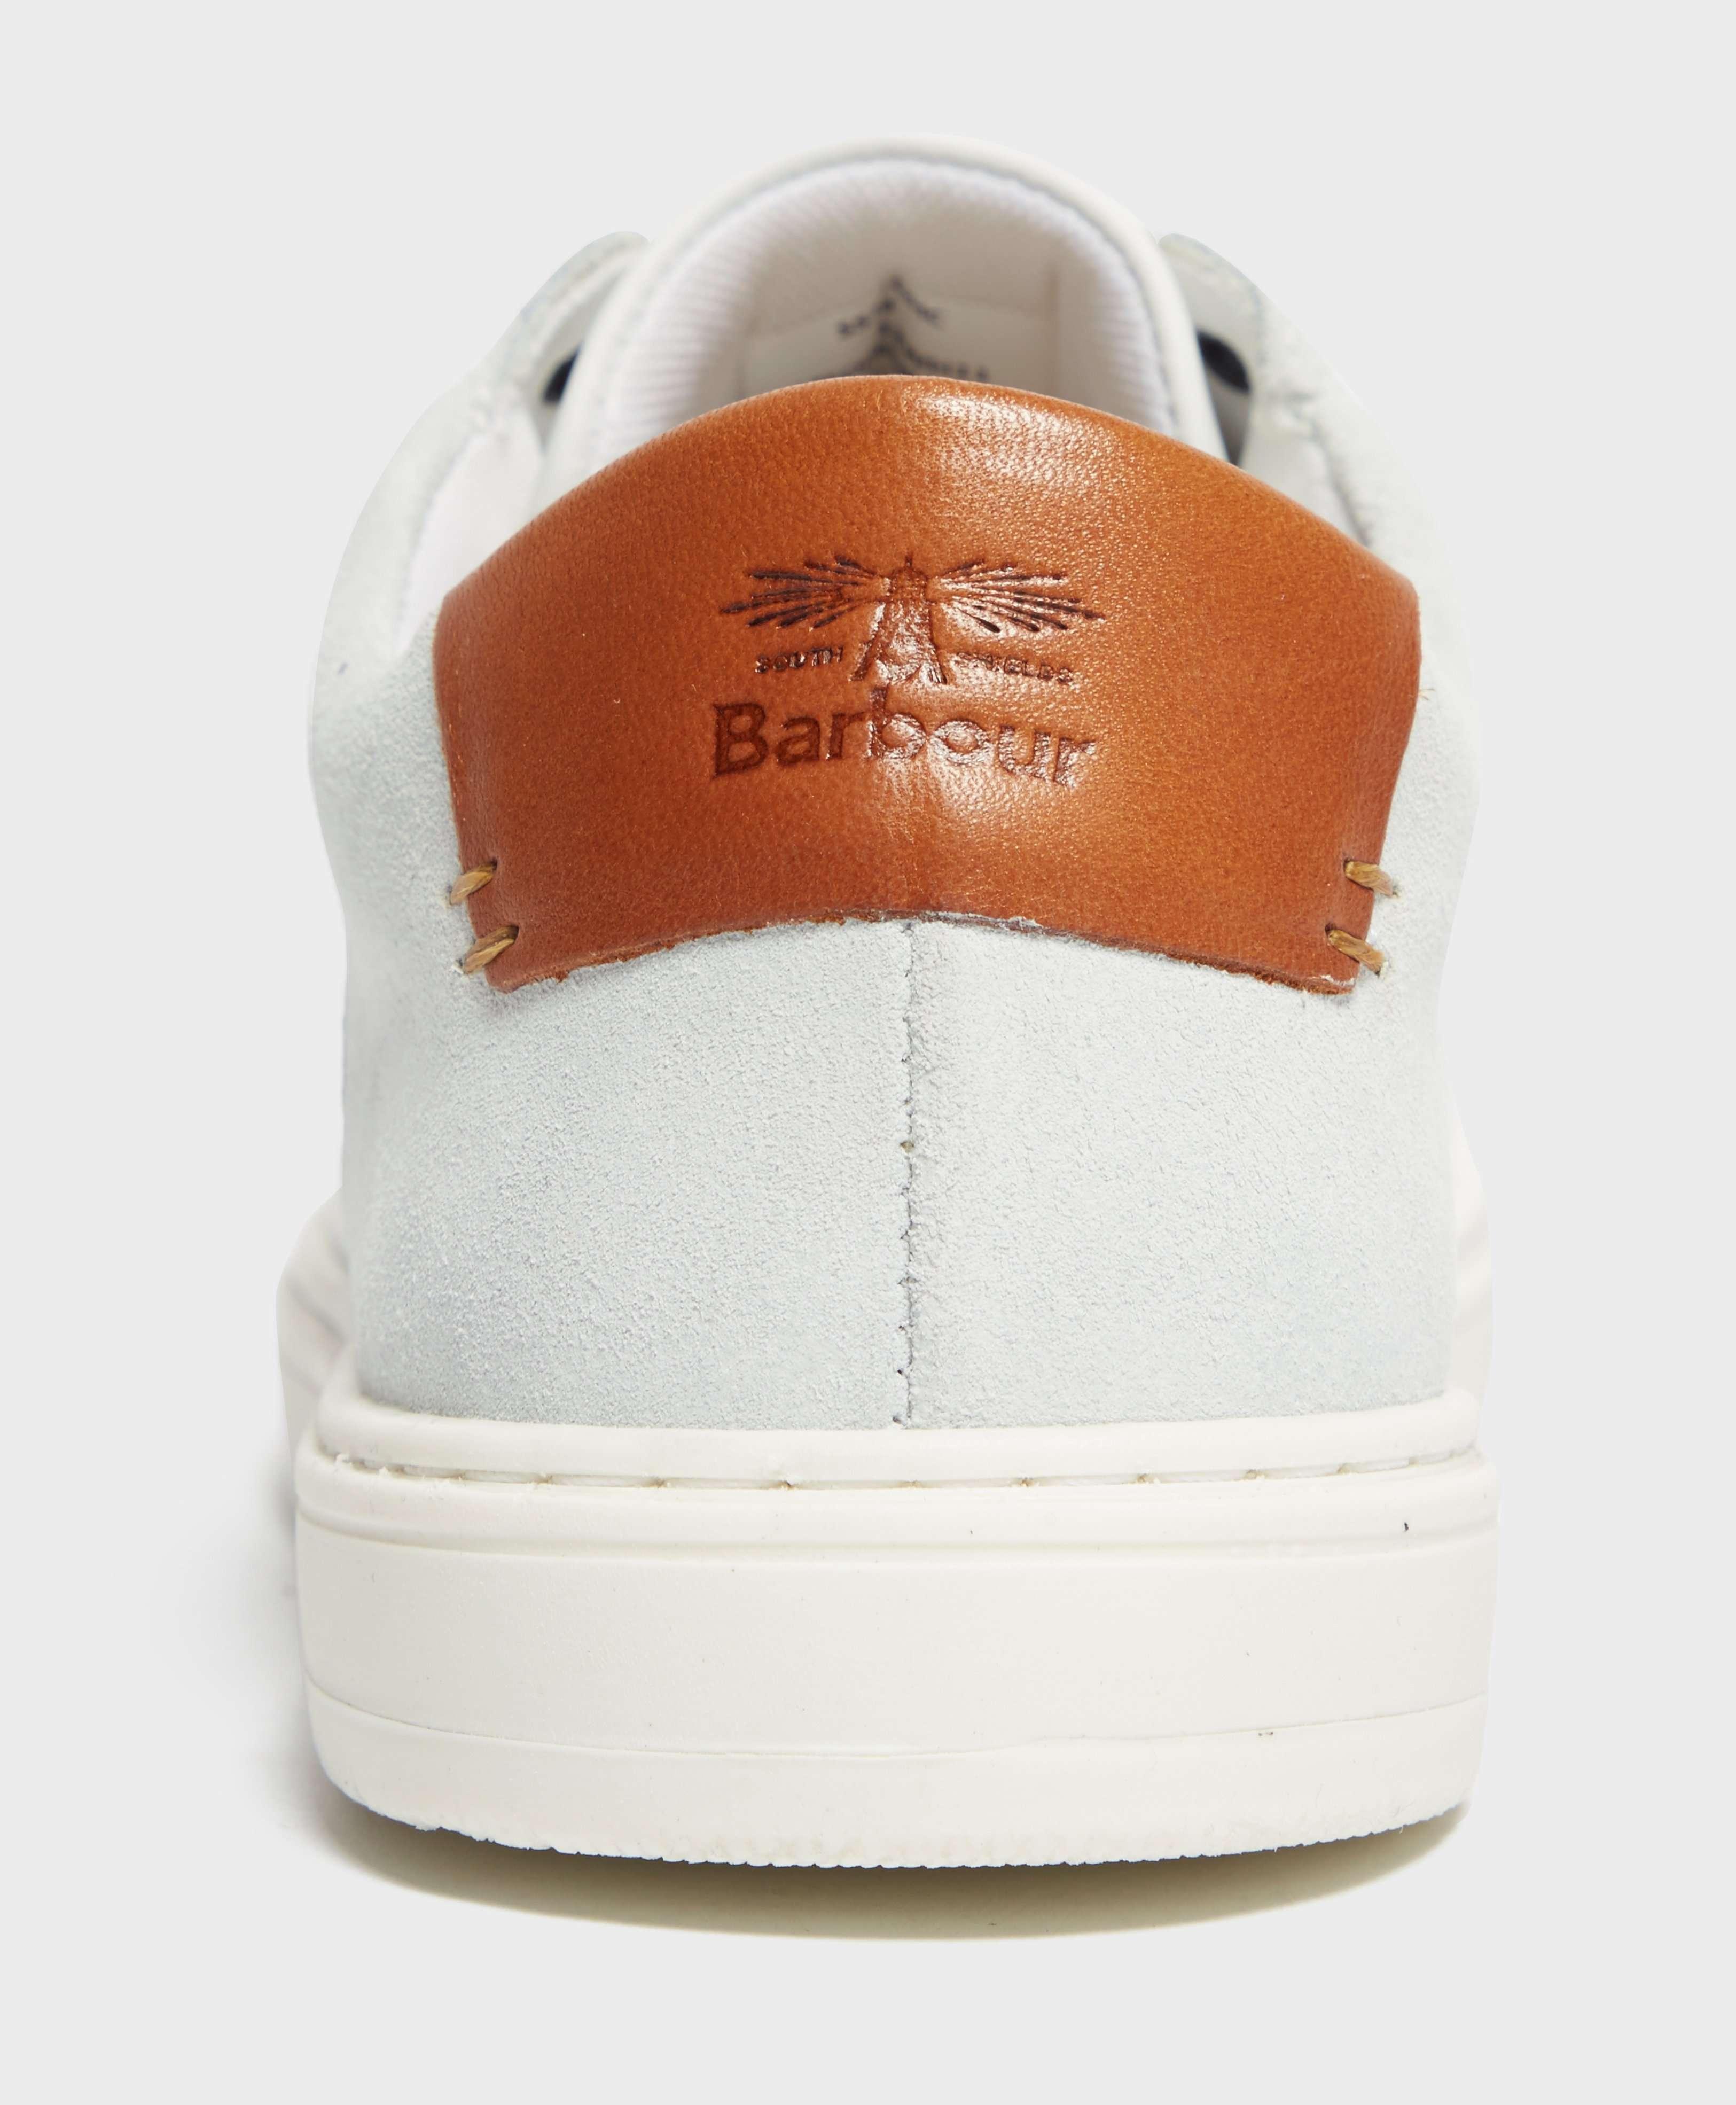 Barbour Ariel